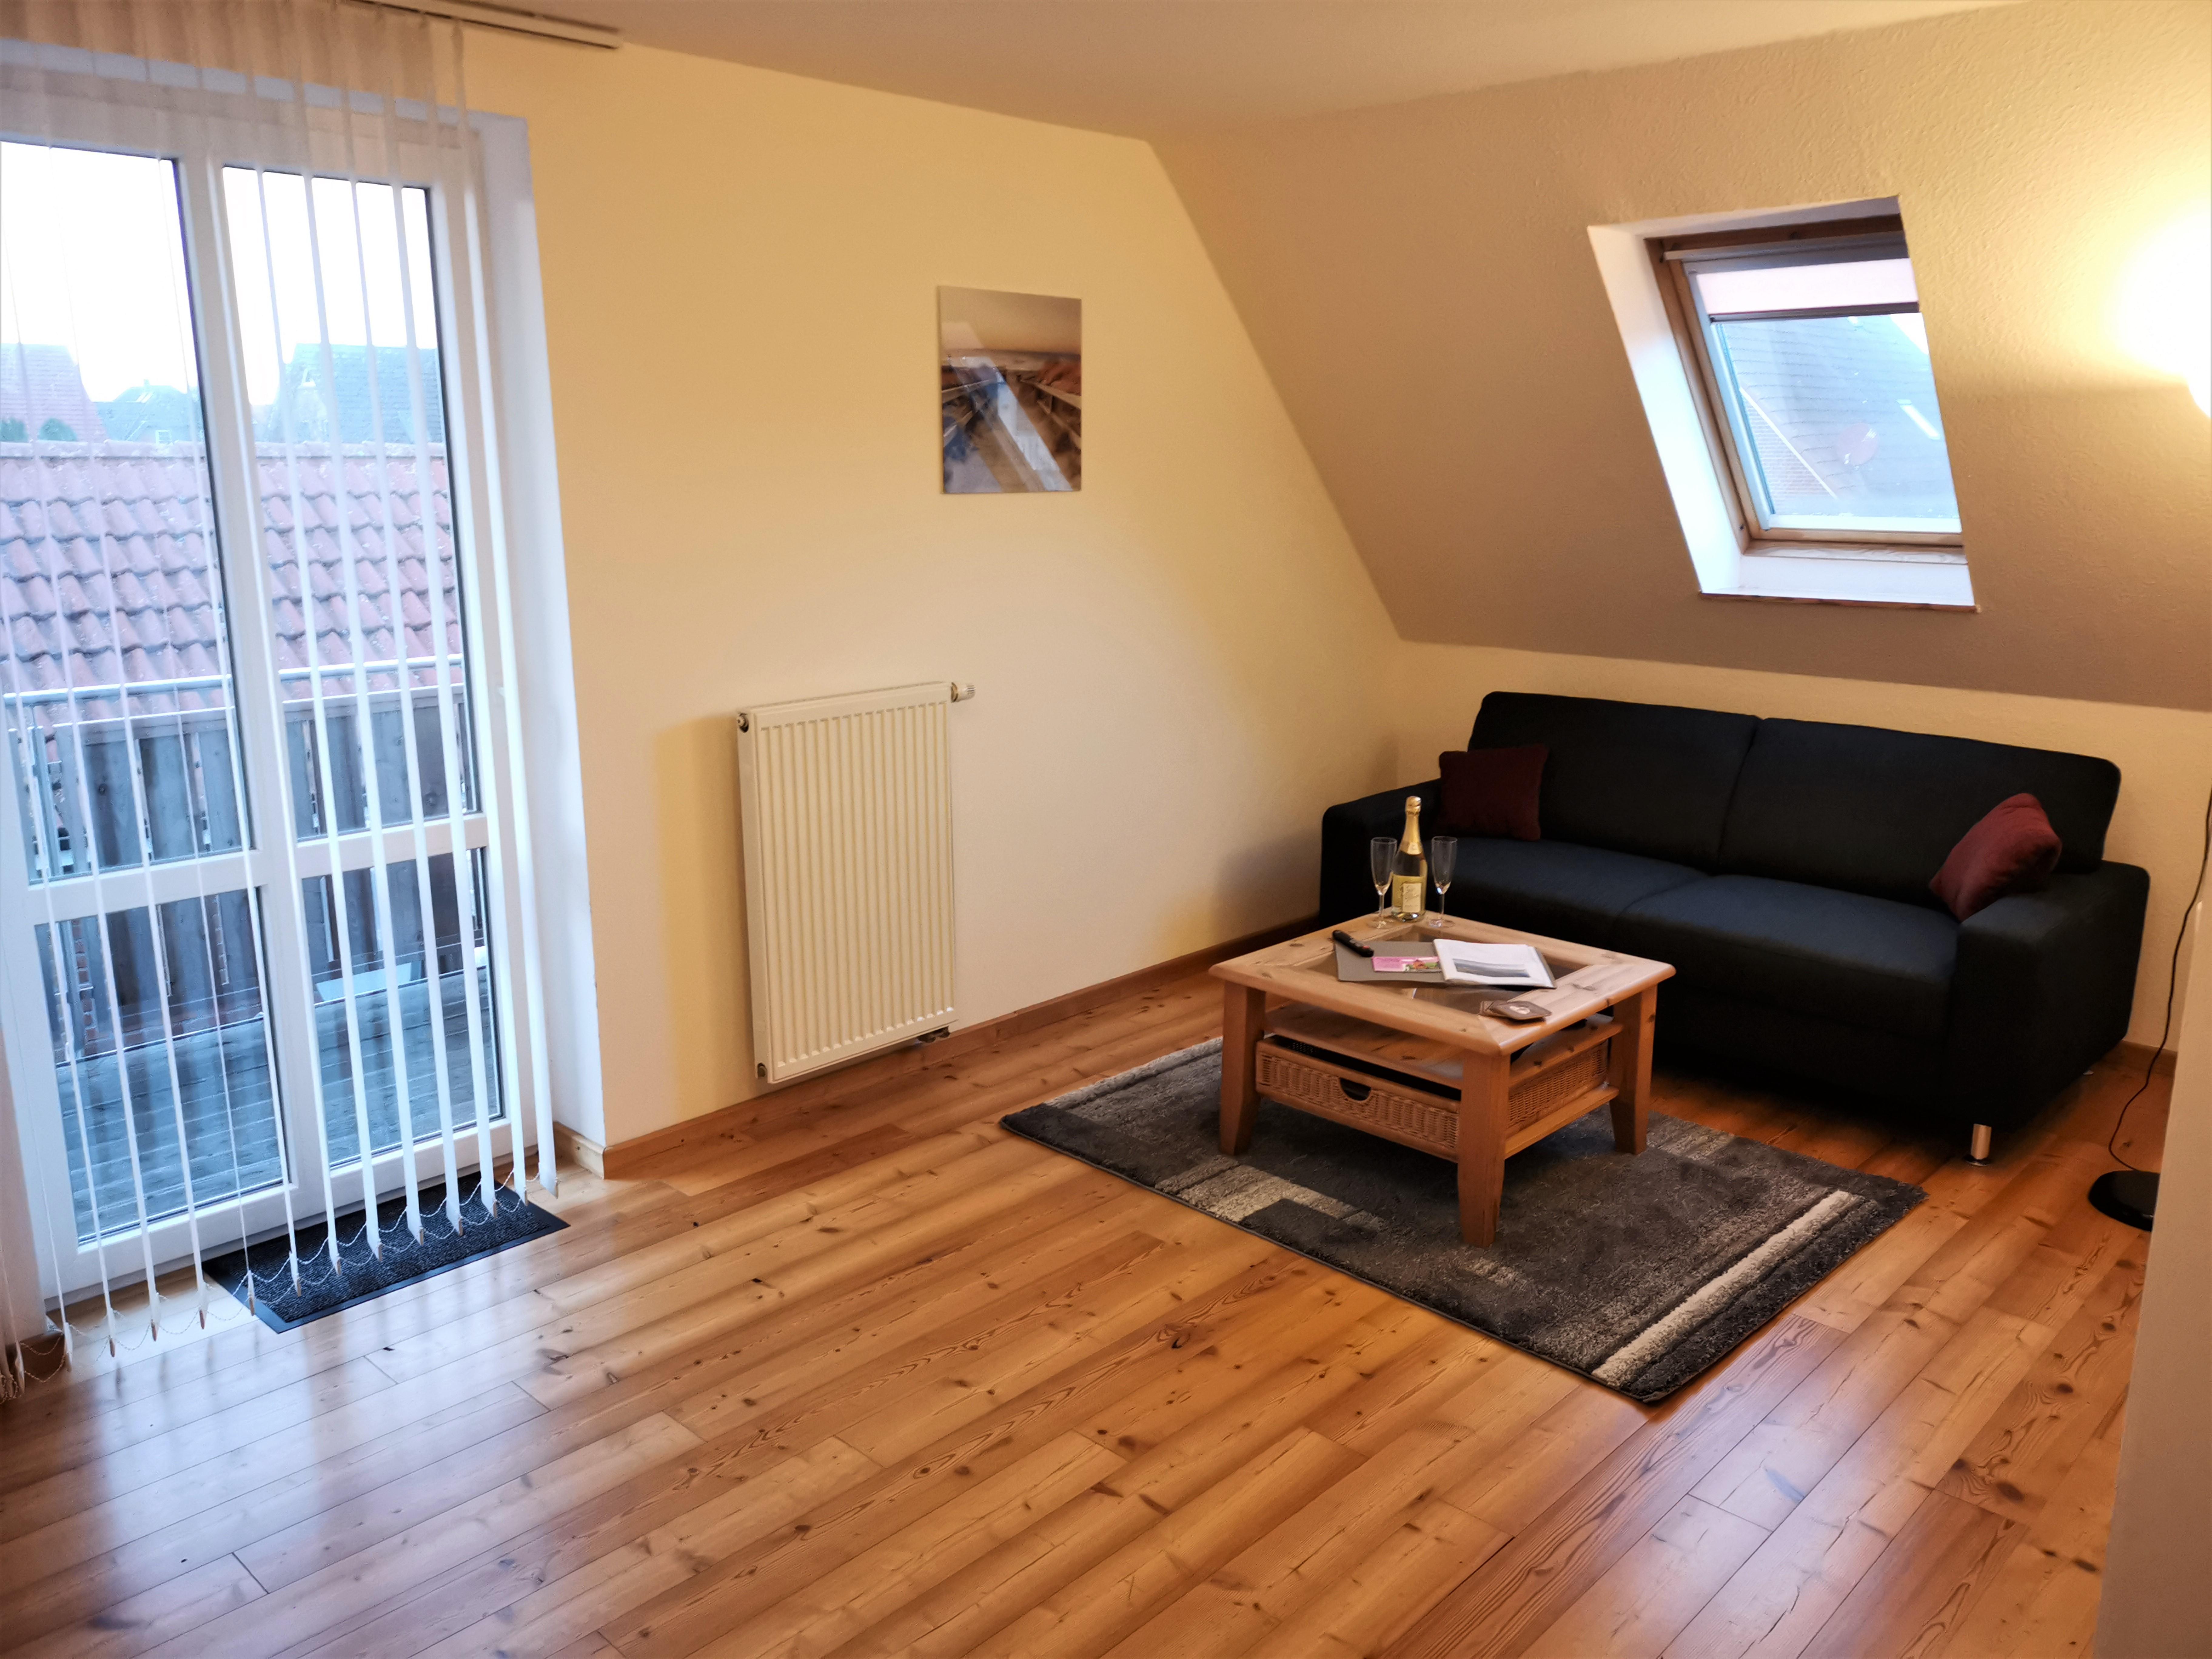 Wohnzimmer mit Balkon der Ferienwohnung Gilge von Ferienwohnungen Hass auf Fehmarn